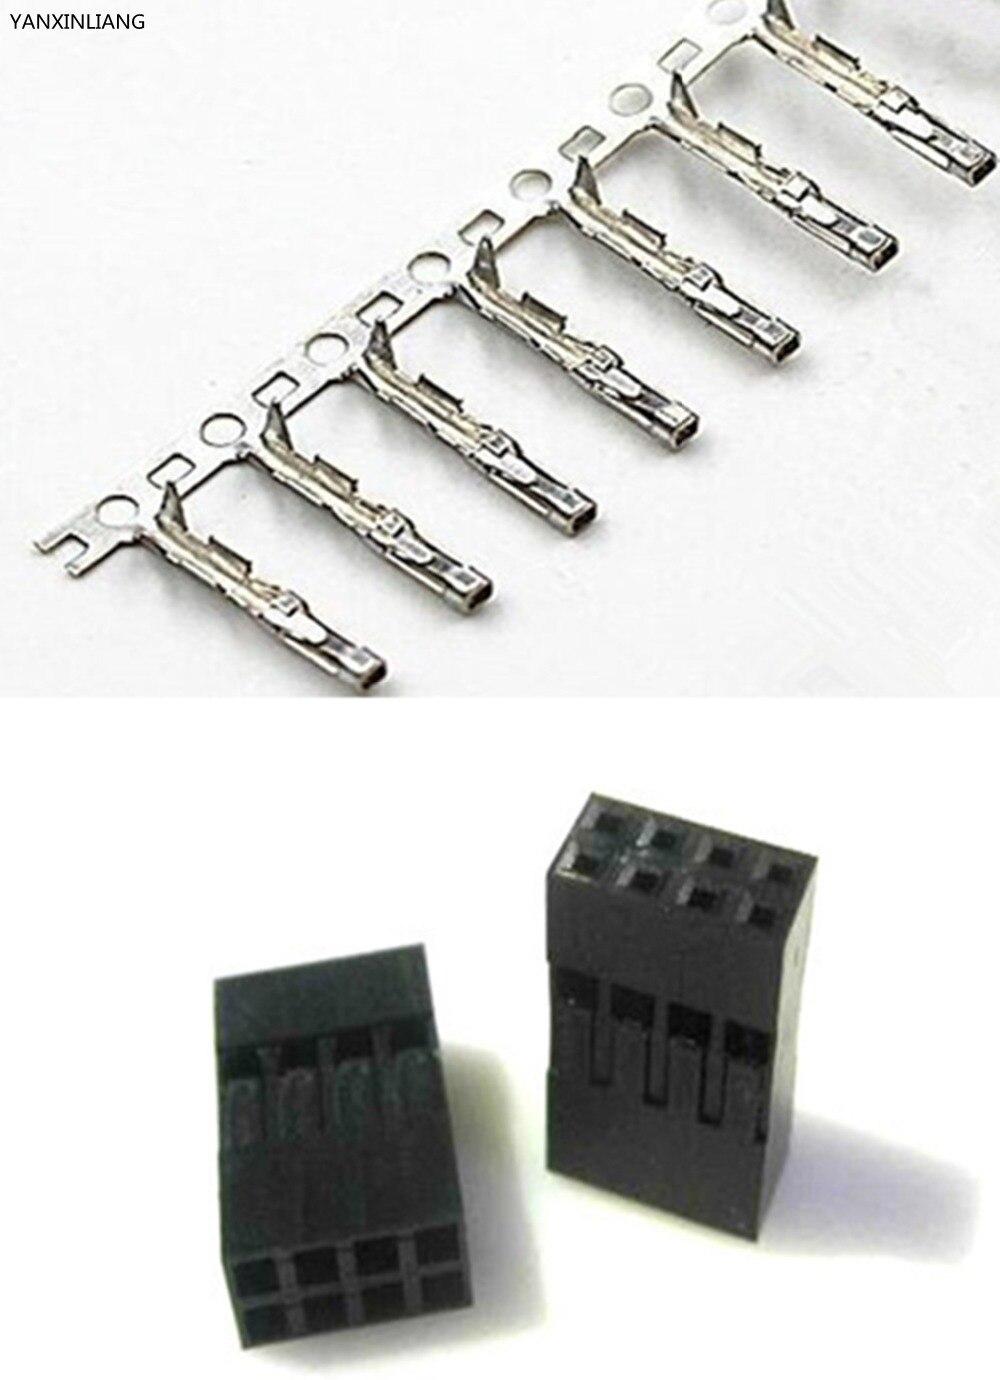 50 комплектов шаг 2,54 мм 2x4 Pin 8Pin двухрядный Dupont перемычка провода кабель женский контактный разъем и корпус Мужской терминал